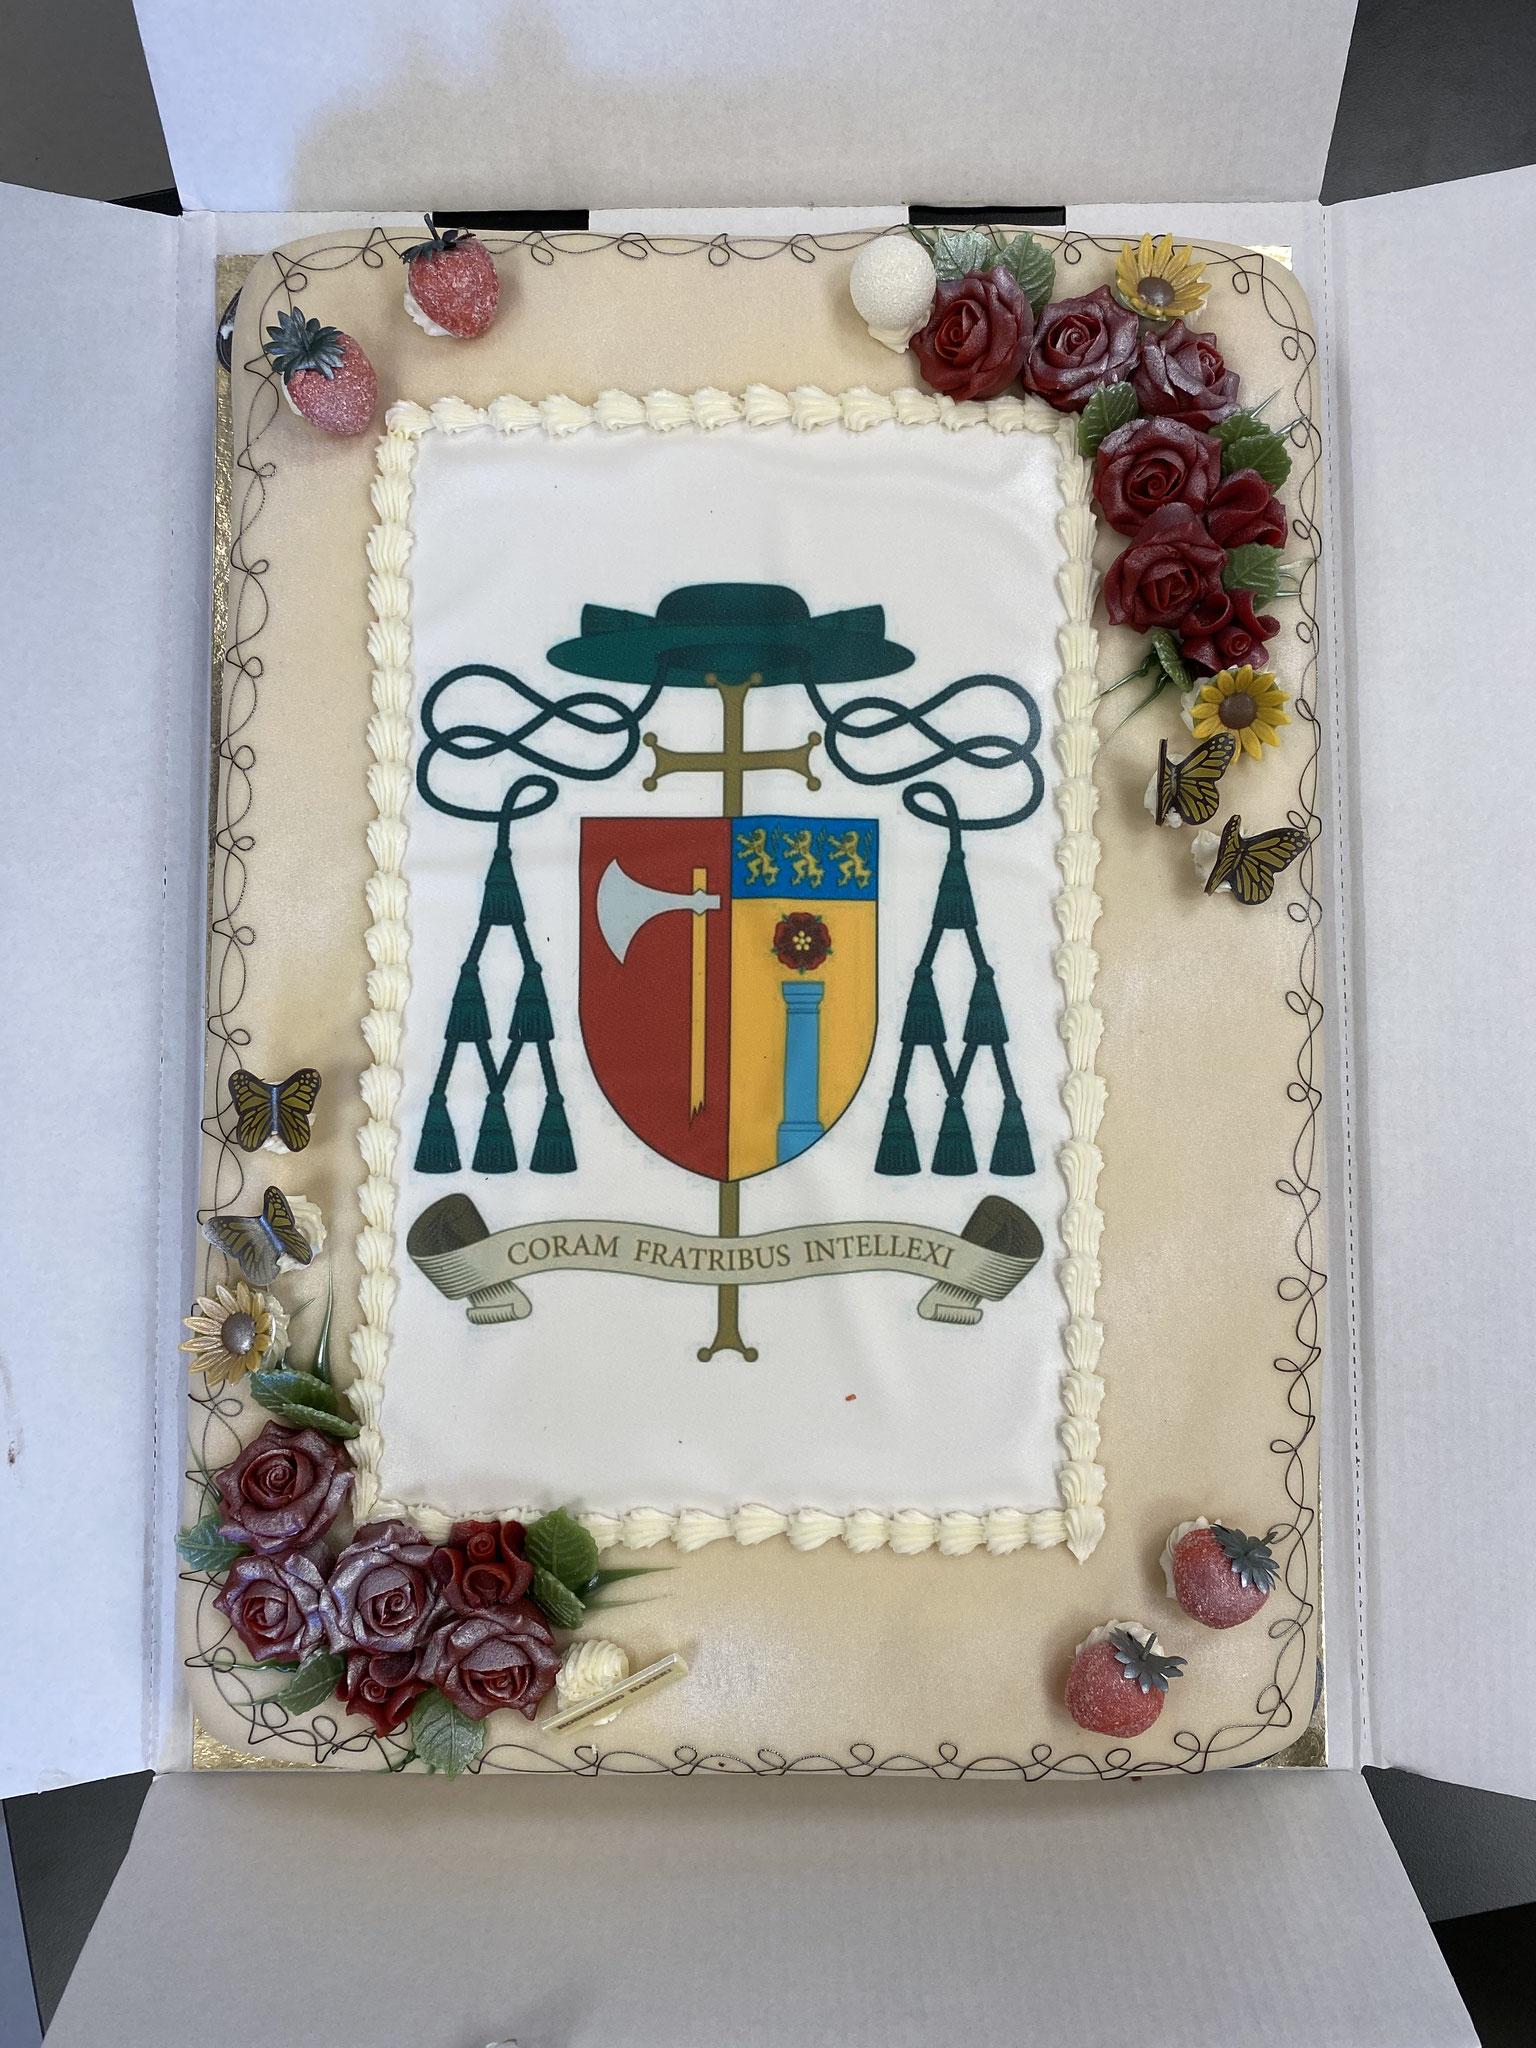 Schmeckt genau so gut, wie sie aussieht Die festliche Torte, welche eigens für die Bischofsweihe bestellt wurde, wird von Bischof Eriks Logo geziert.